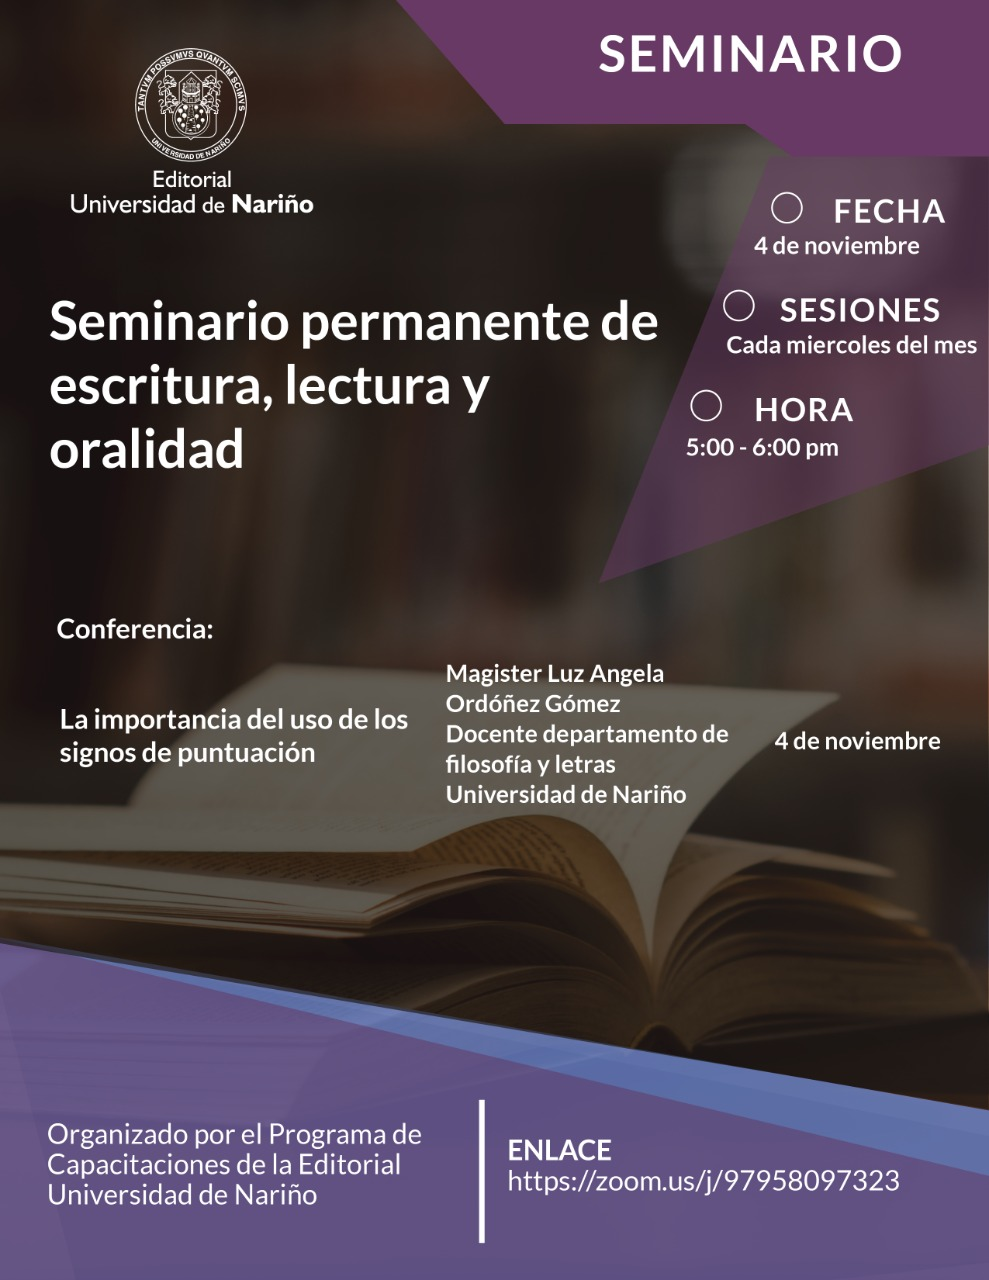 Seminario permanente de escritura, lectura y oralidad. Conferencia: La importancia del uso de los signos de puntuación.